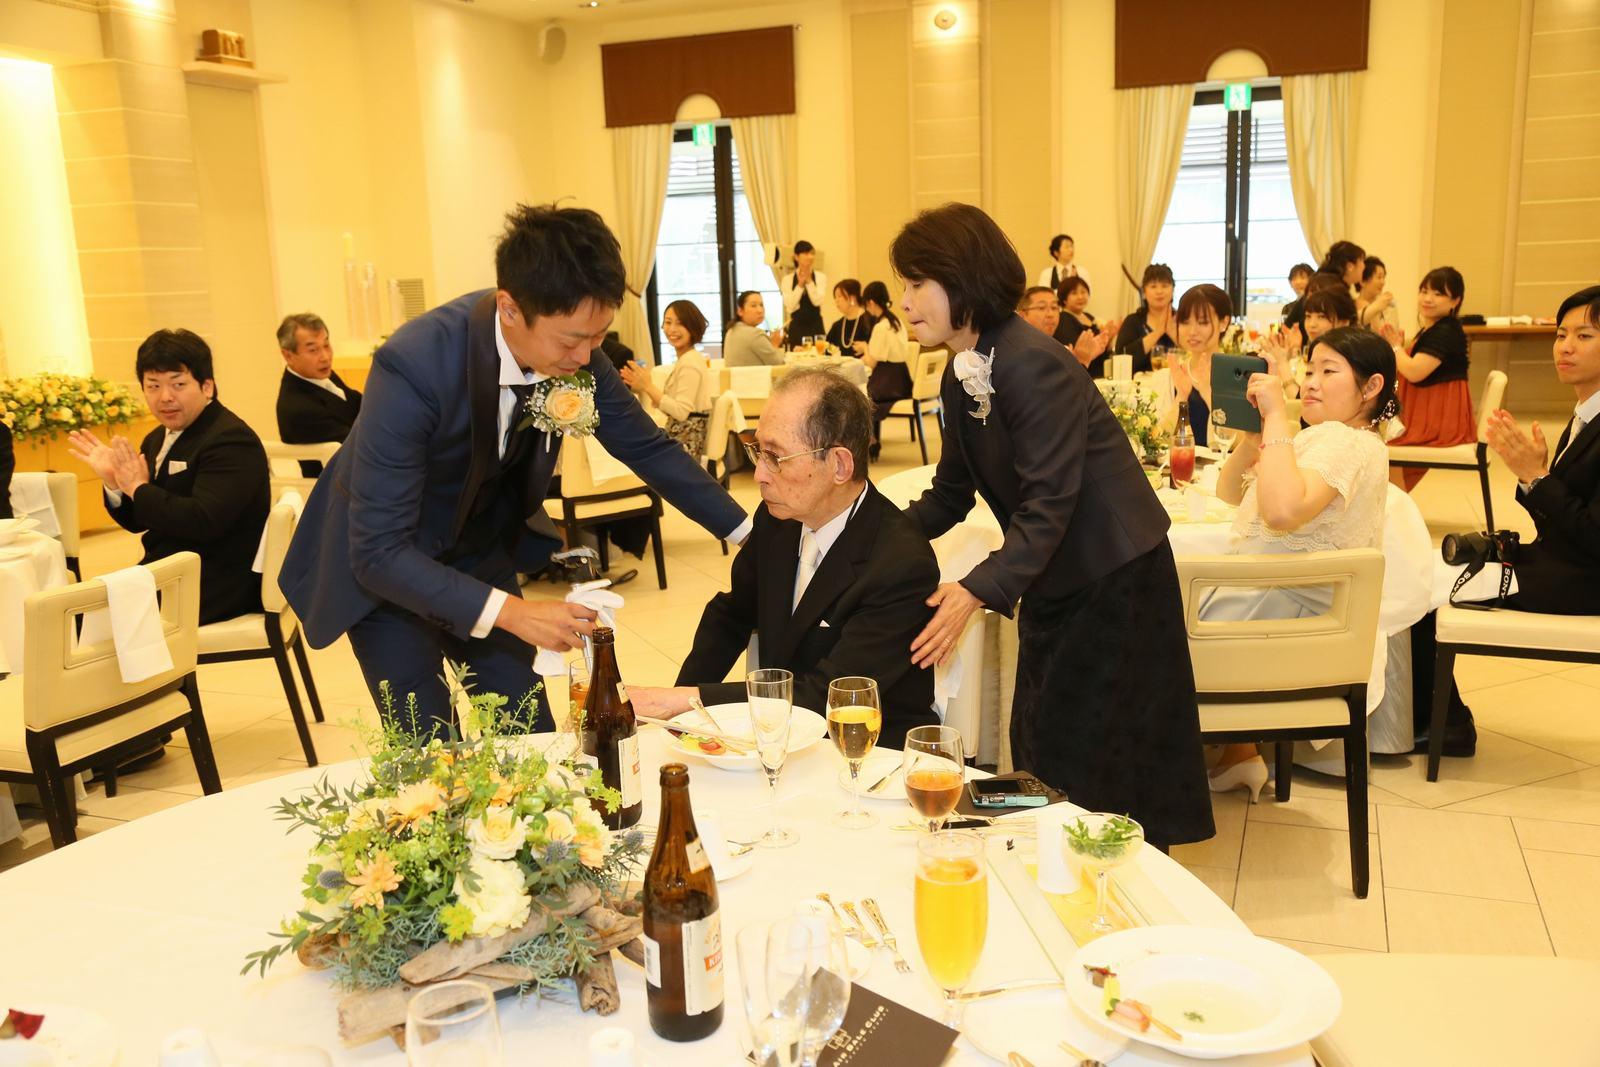 高松市の結婚式場アイルバレクラブの披露宴 新郎様が席までお出迎え